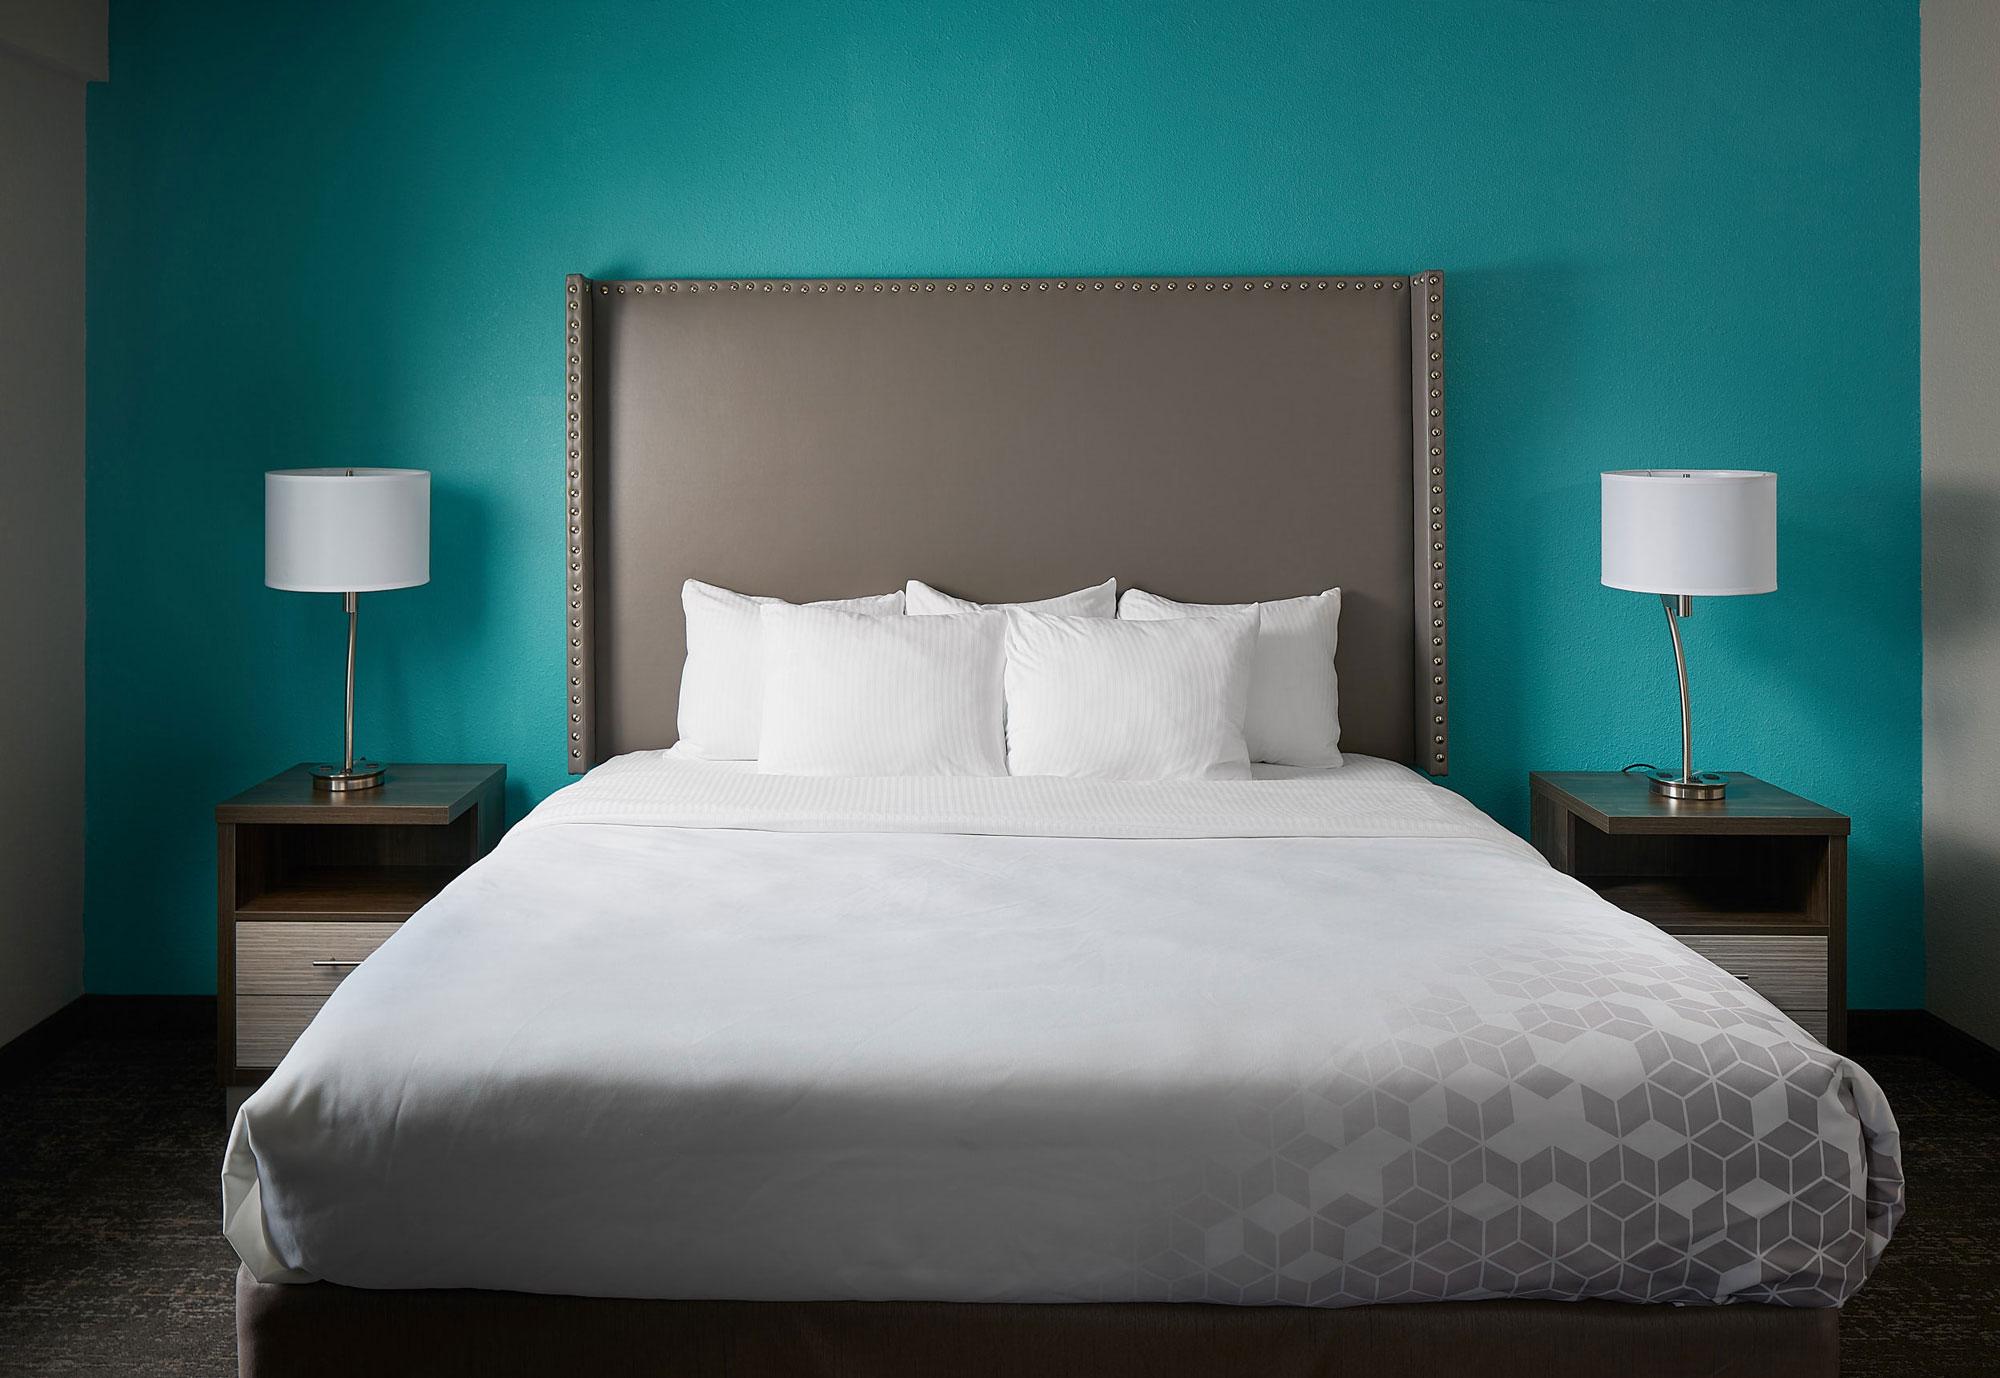 La Quinta Inns U0026 Suites Jamestown, NY   Artone